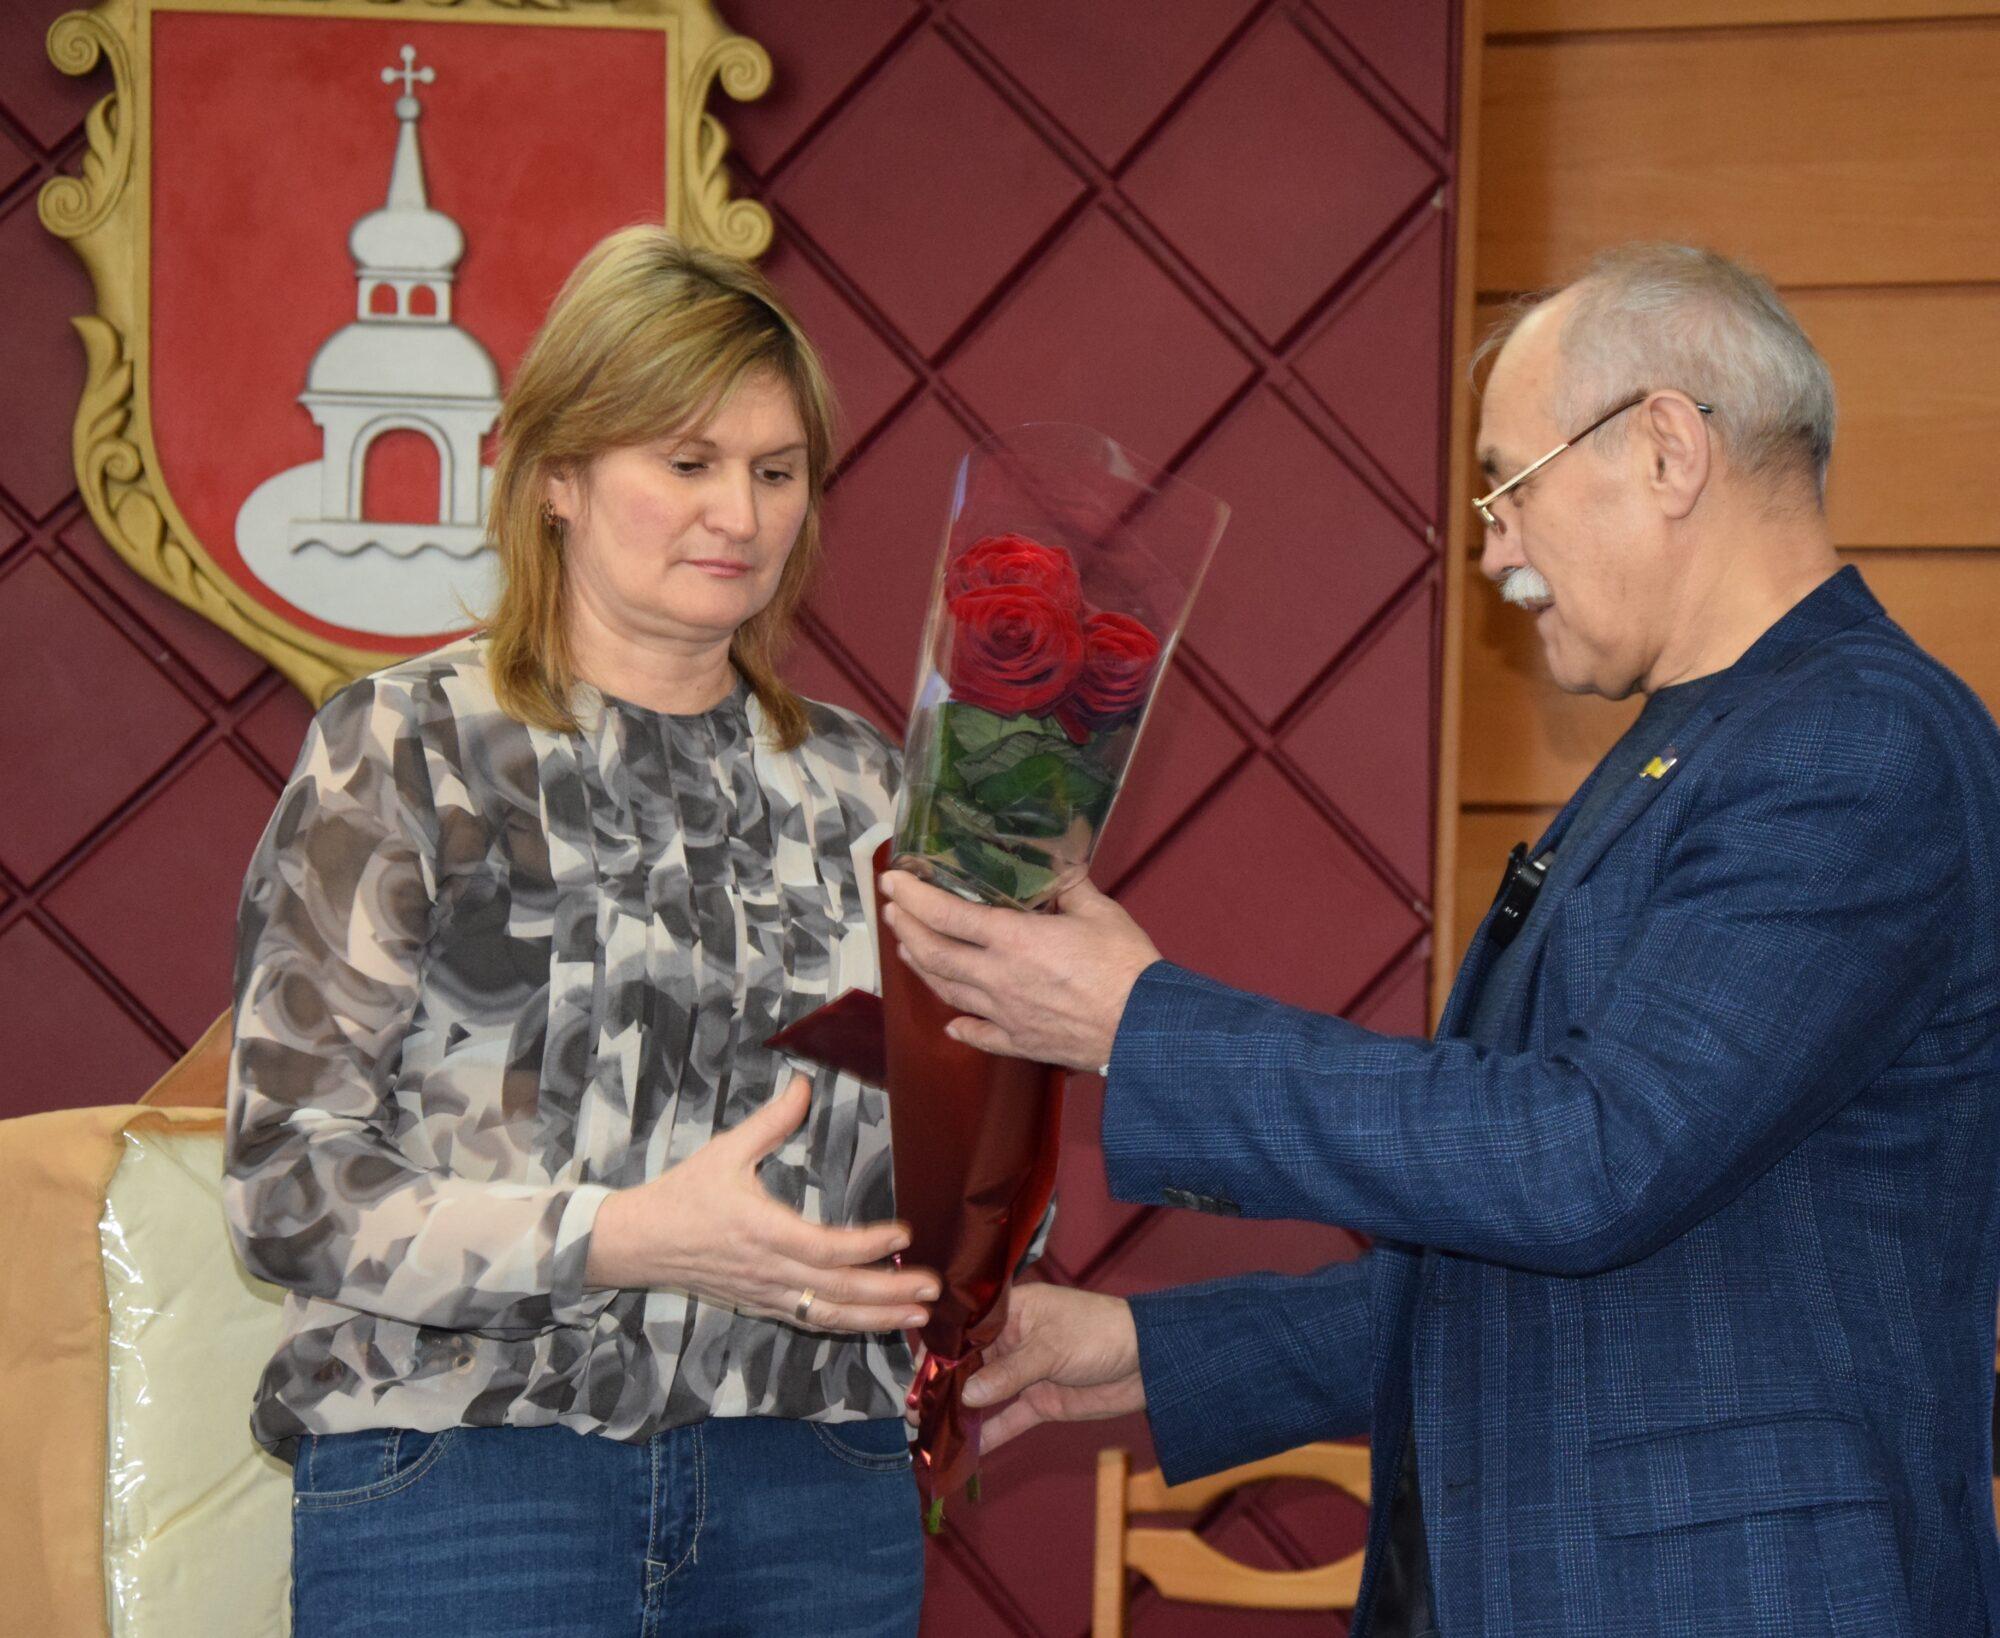 Жінка з Переяслава отримала звання «Мати-героїня» - Переяслав, мати-героїня, звання - DSC 0068 1 2000x1638